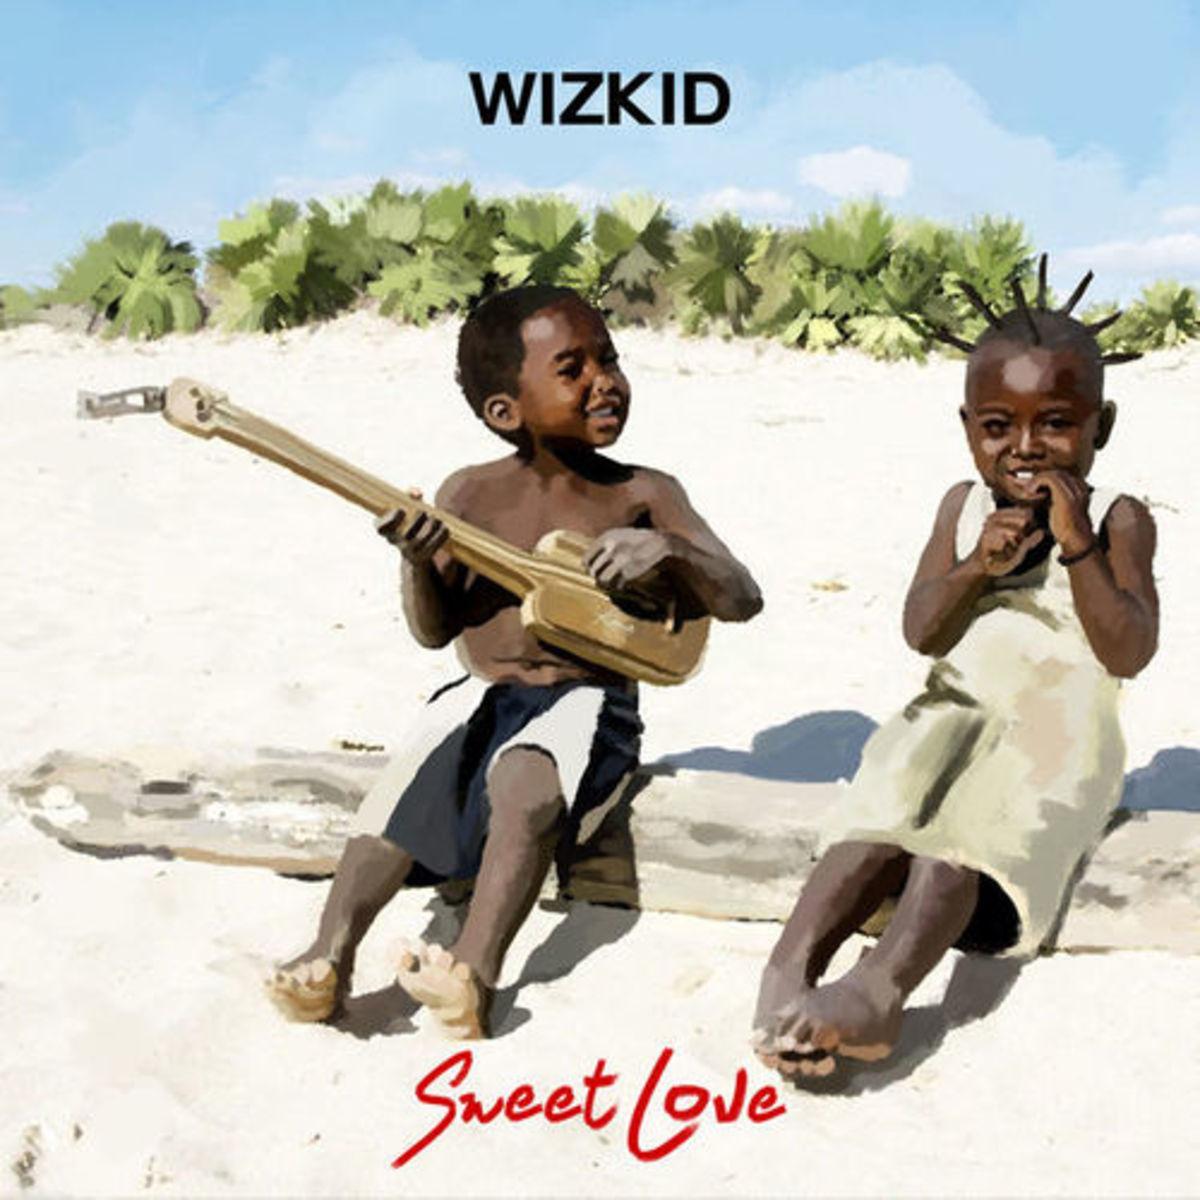 wizkid-sweet-love.jpg